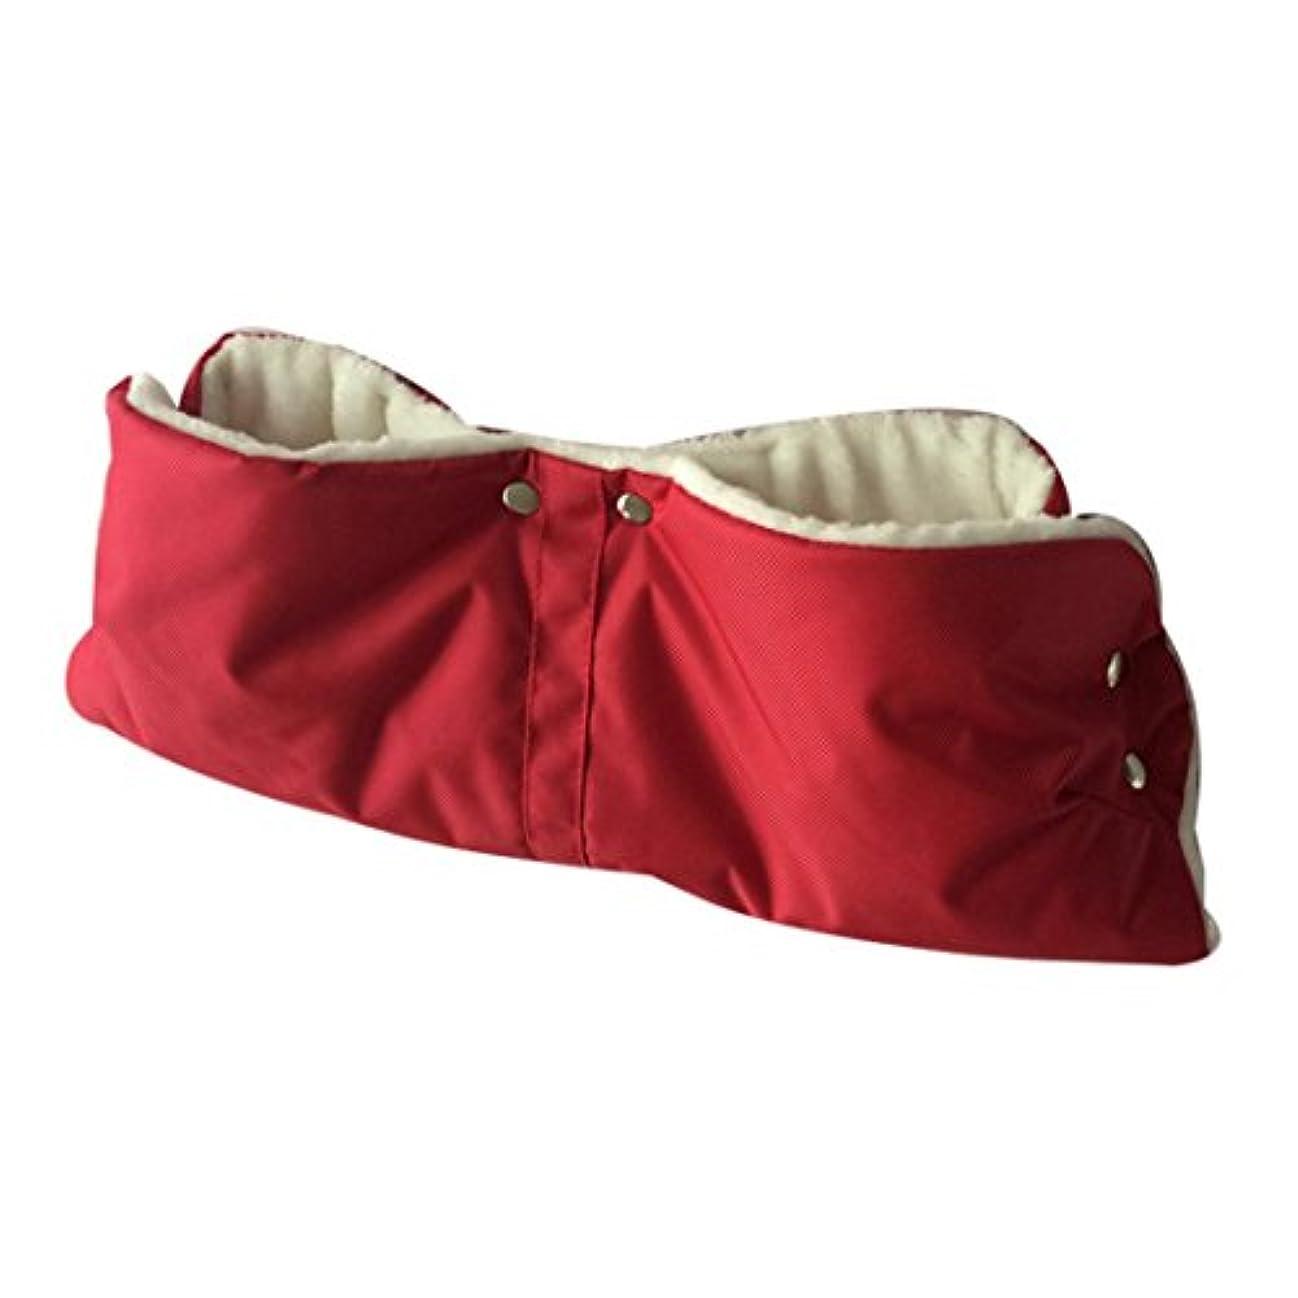 違うラオス人中止しますBaby Stroller暖かい手マフ冬anti-freeze防水Pushchairカートミトン厚手手袋、esharing